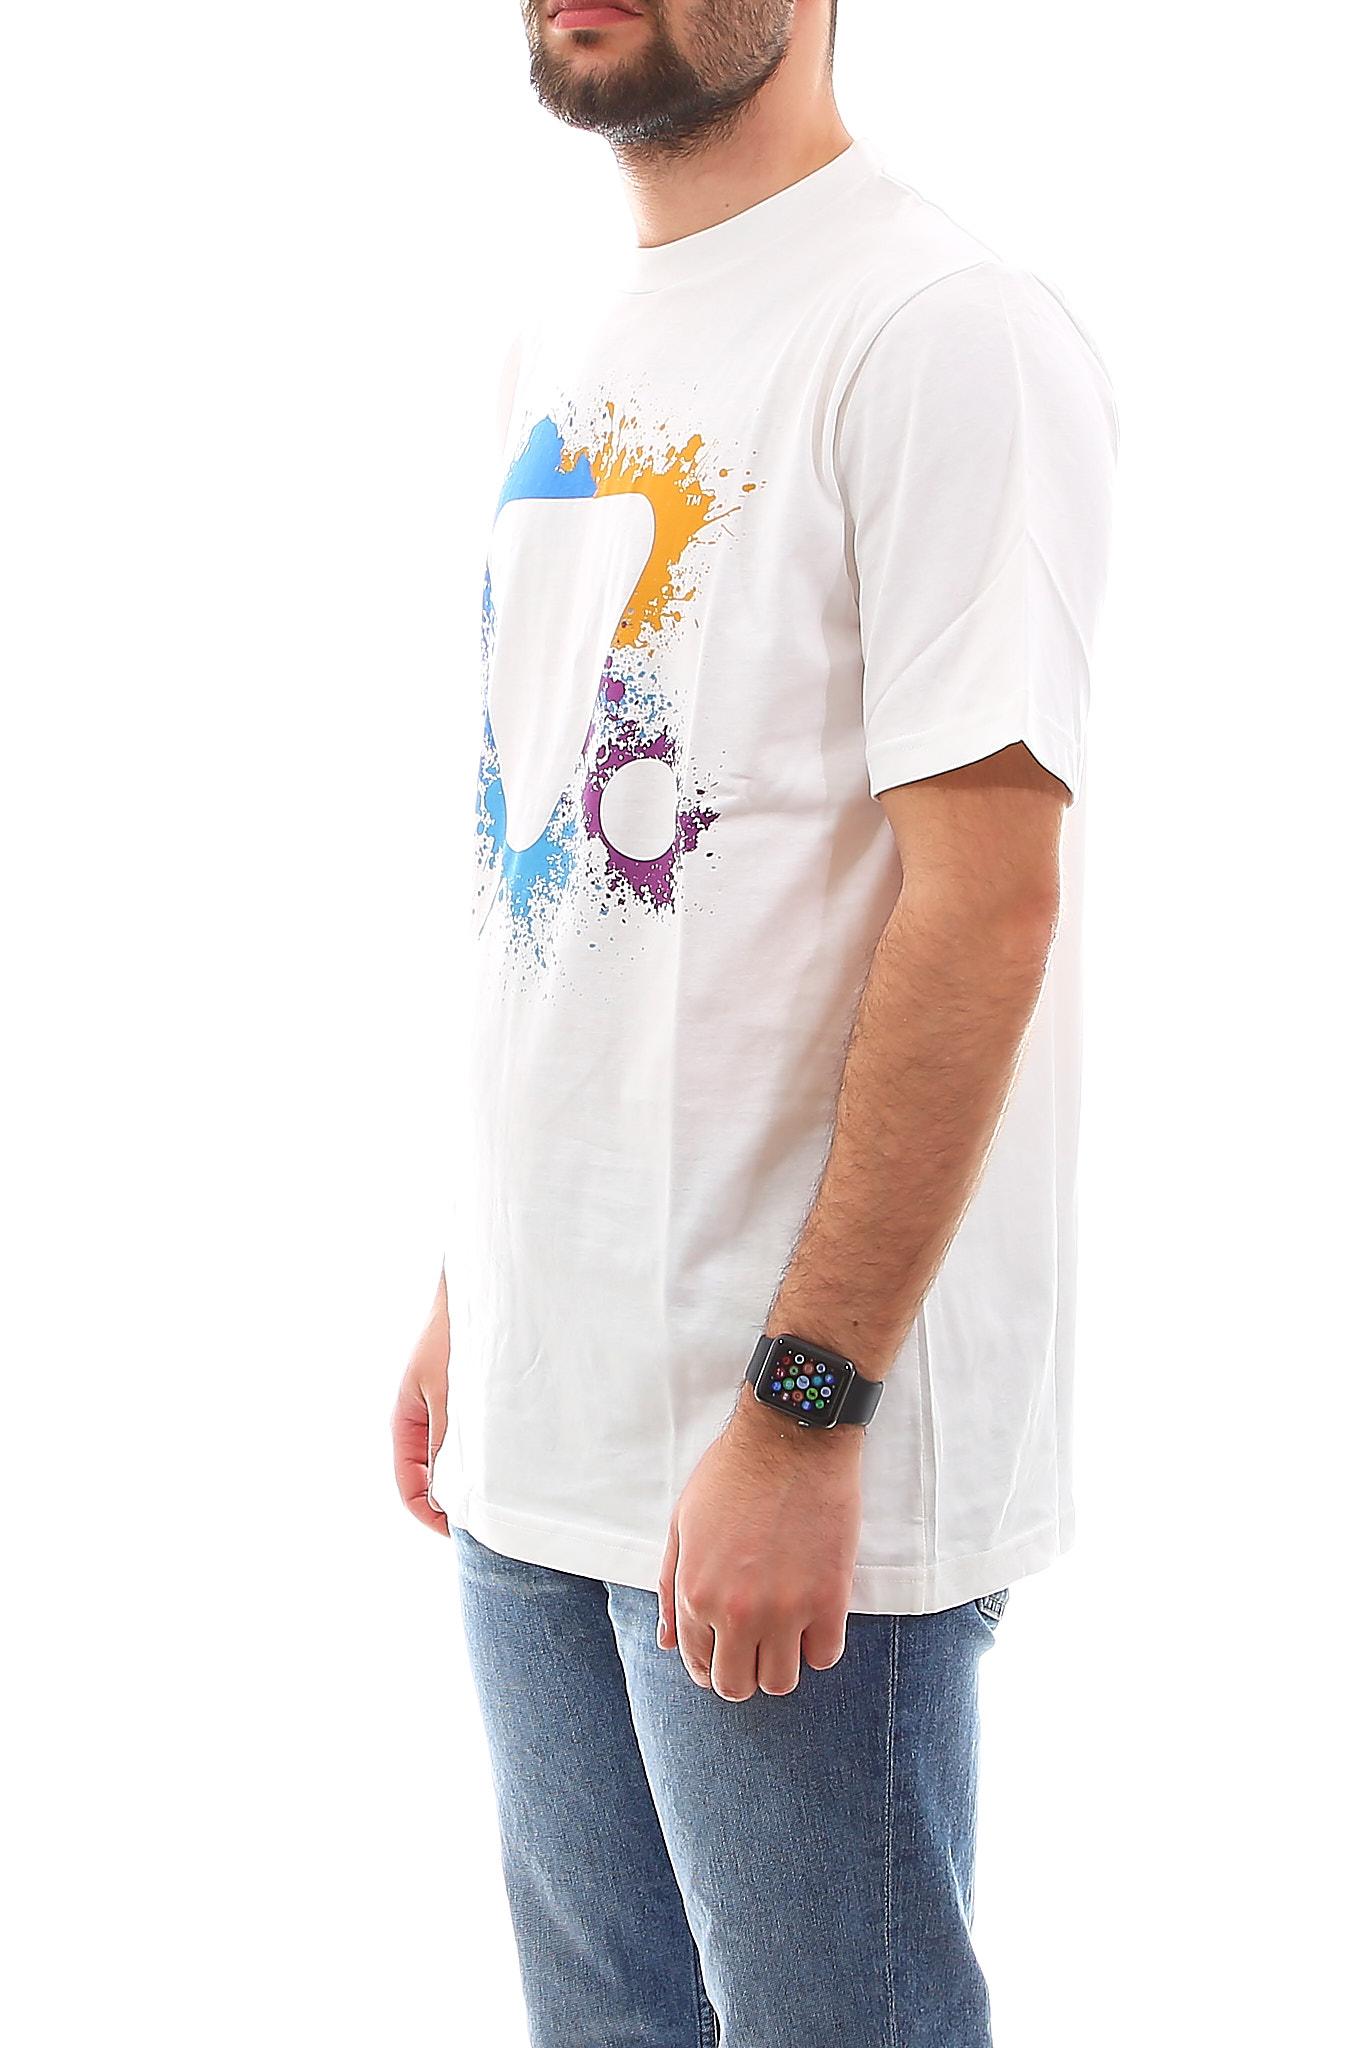 T-shirt VALVOLA | T-shirt | TU40071